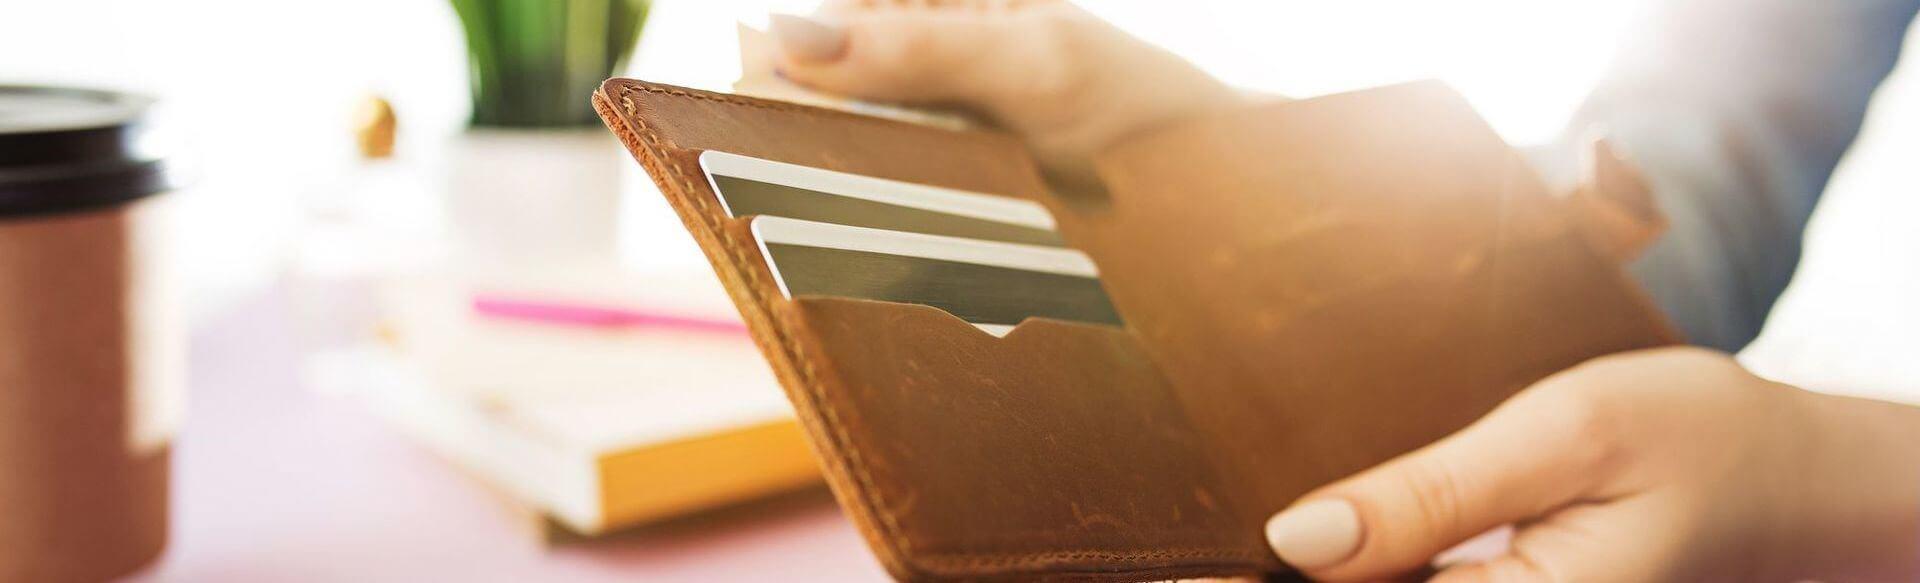 Como economizar dinheiro e cortar gastos desnecessários